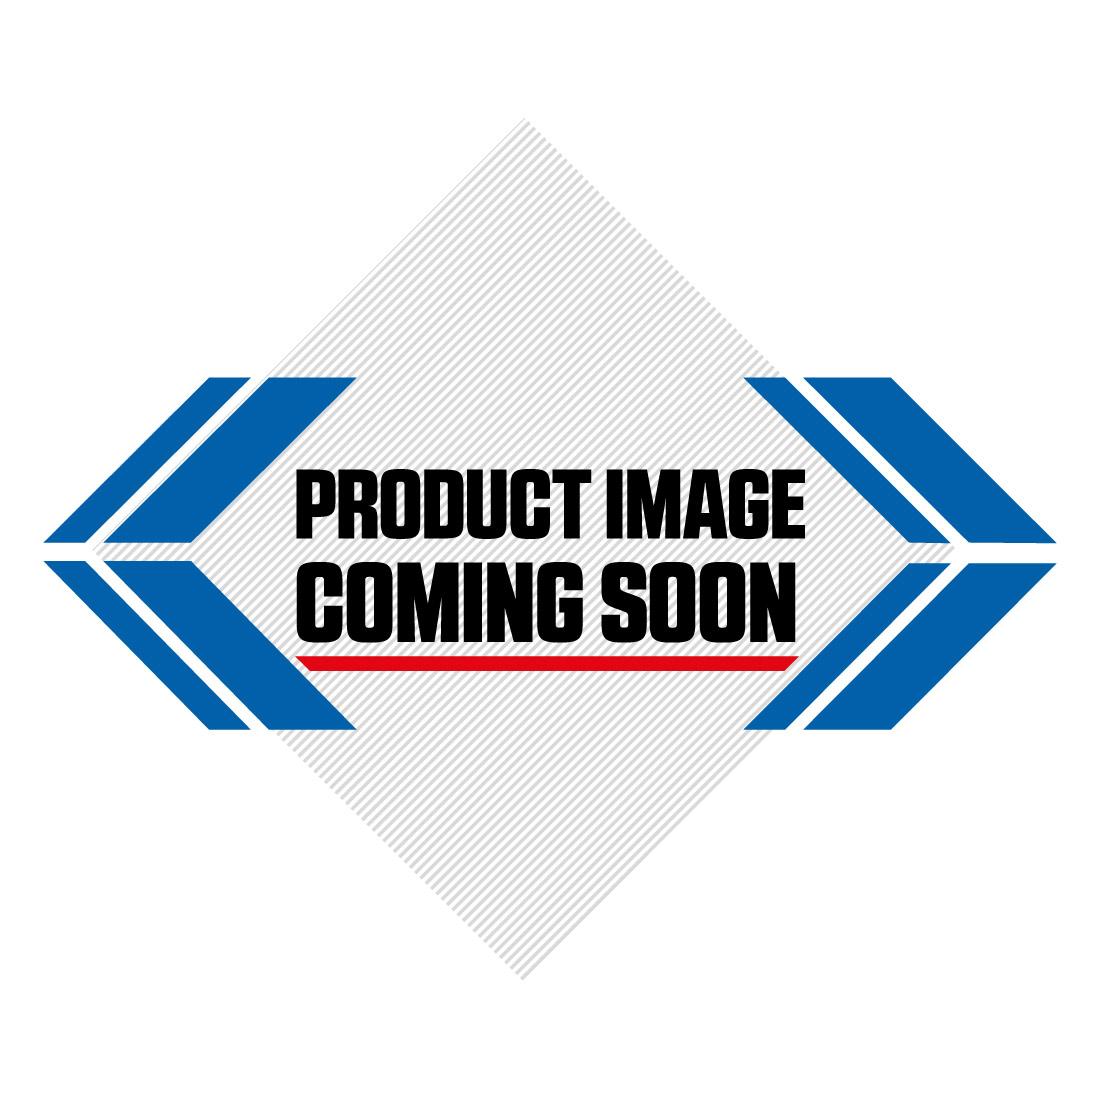 UFO KTM Plastic Kit OEM Factory (2017) Image-0